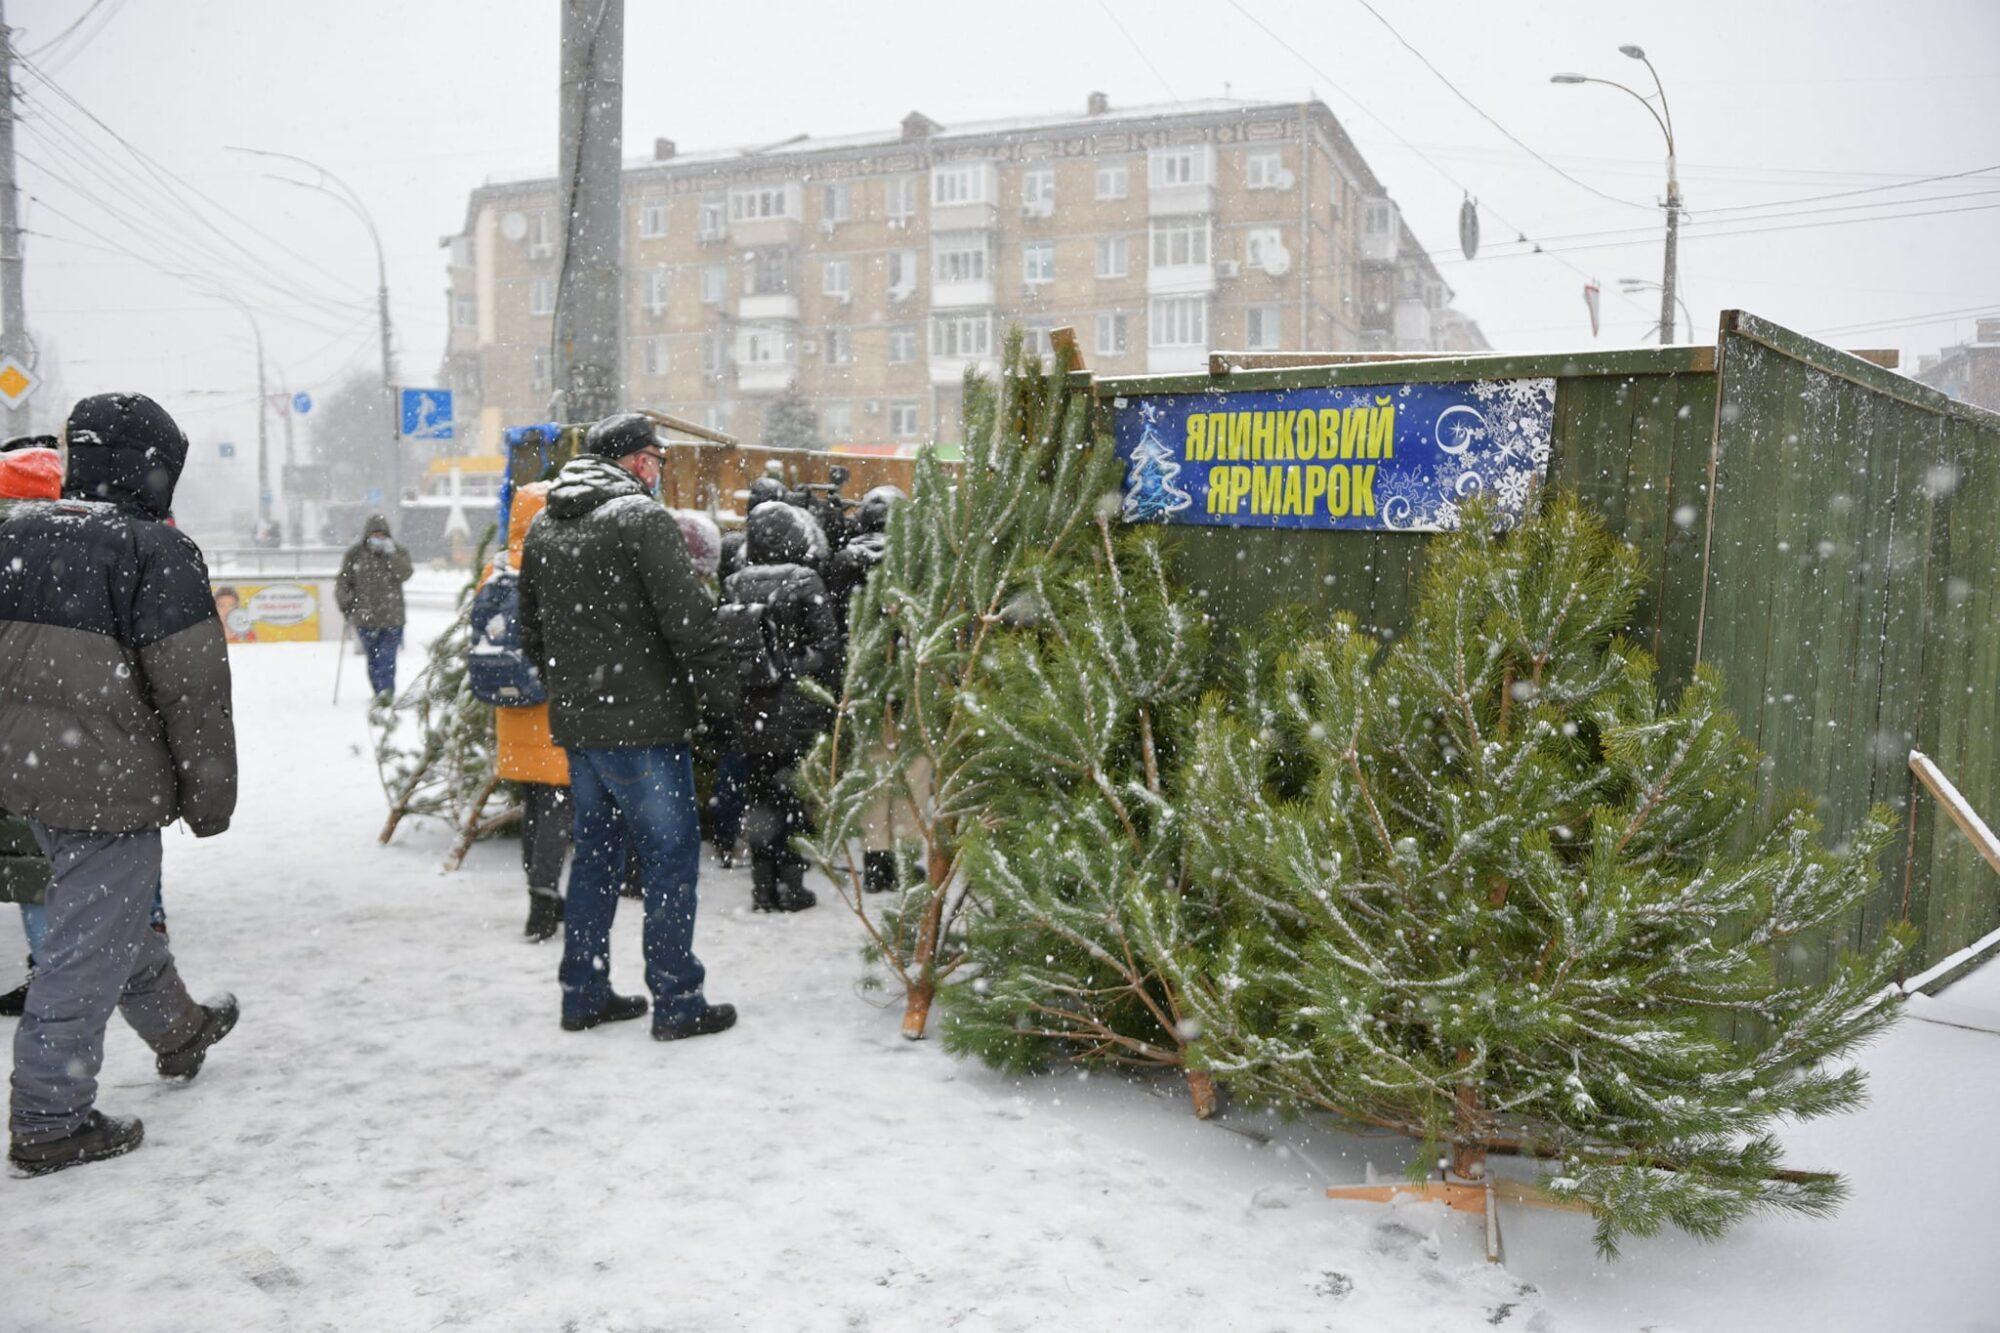 Майже 430 тис. грн збитків завдали ялинкові браконьєри - Ялинки, ялинка, новорічне дерево, новорічна ялинка - 09 yalynky 2000x1333